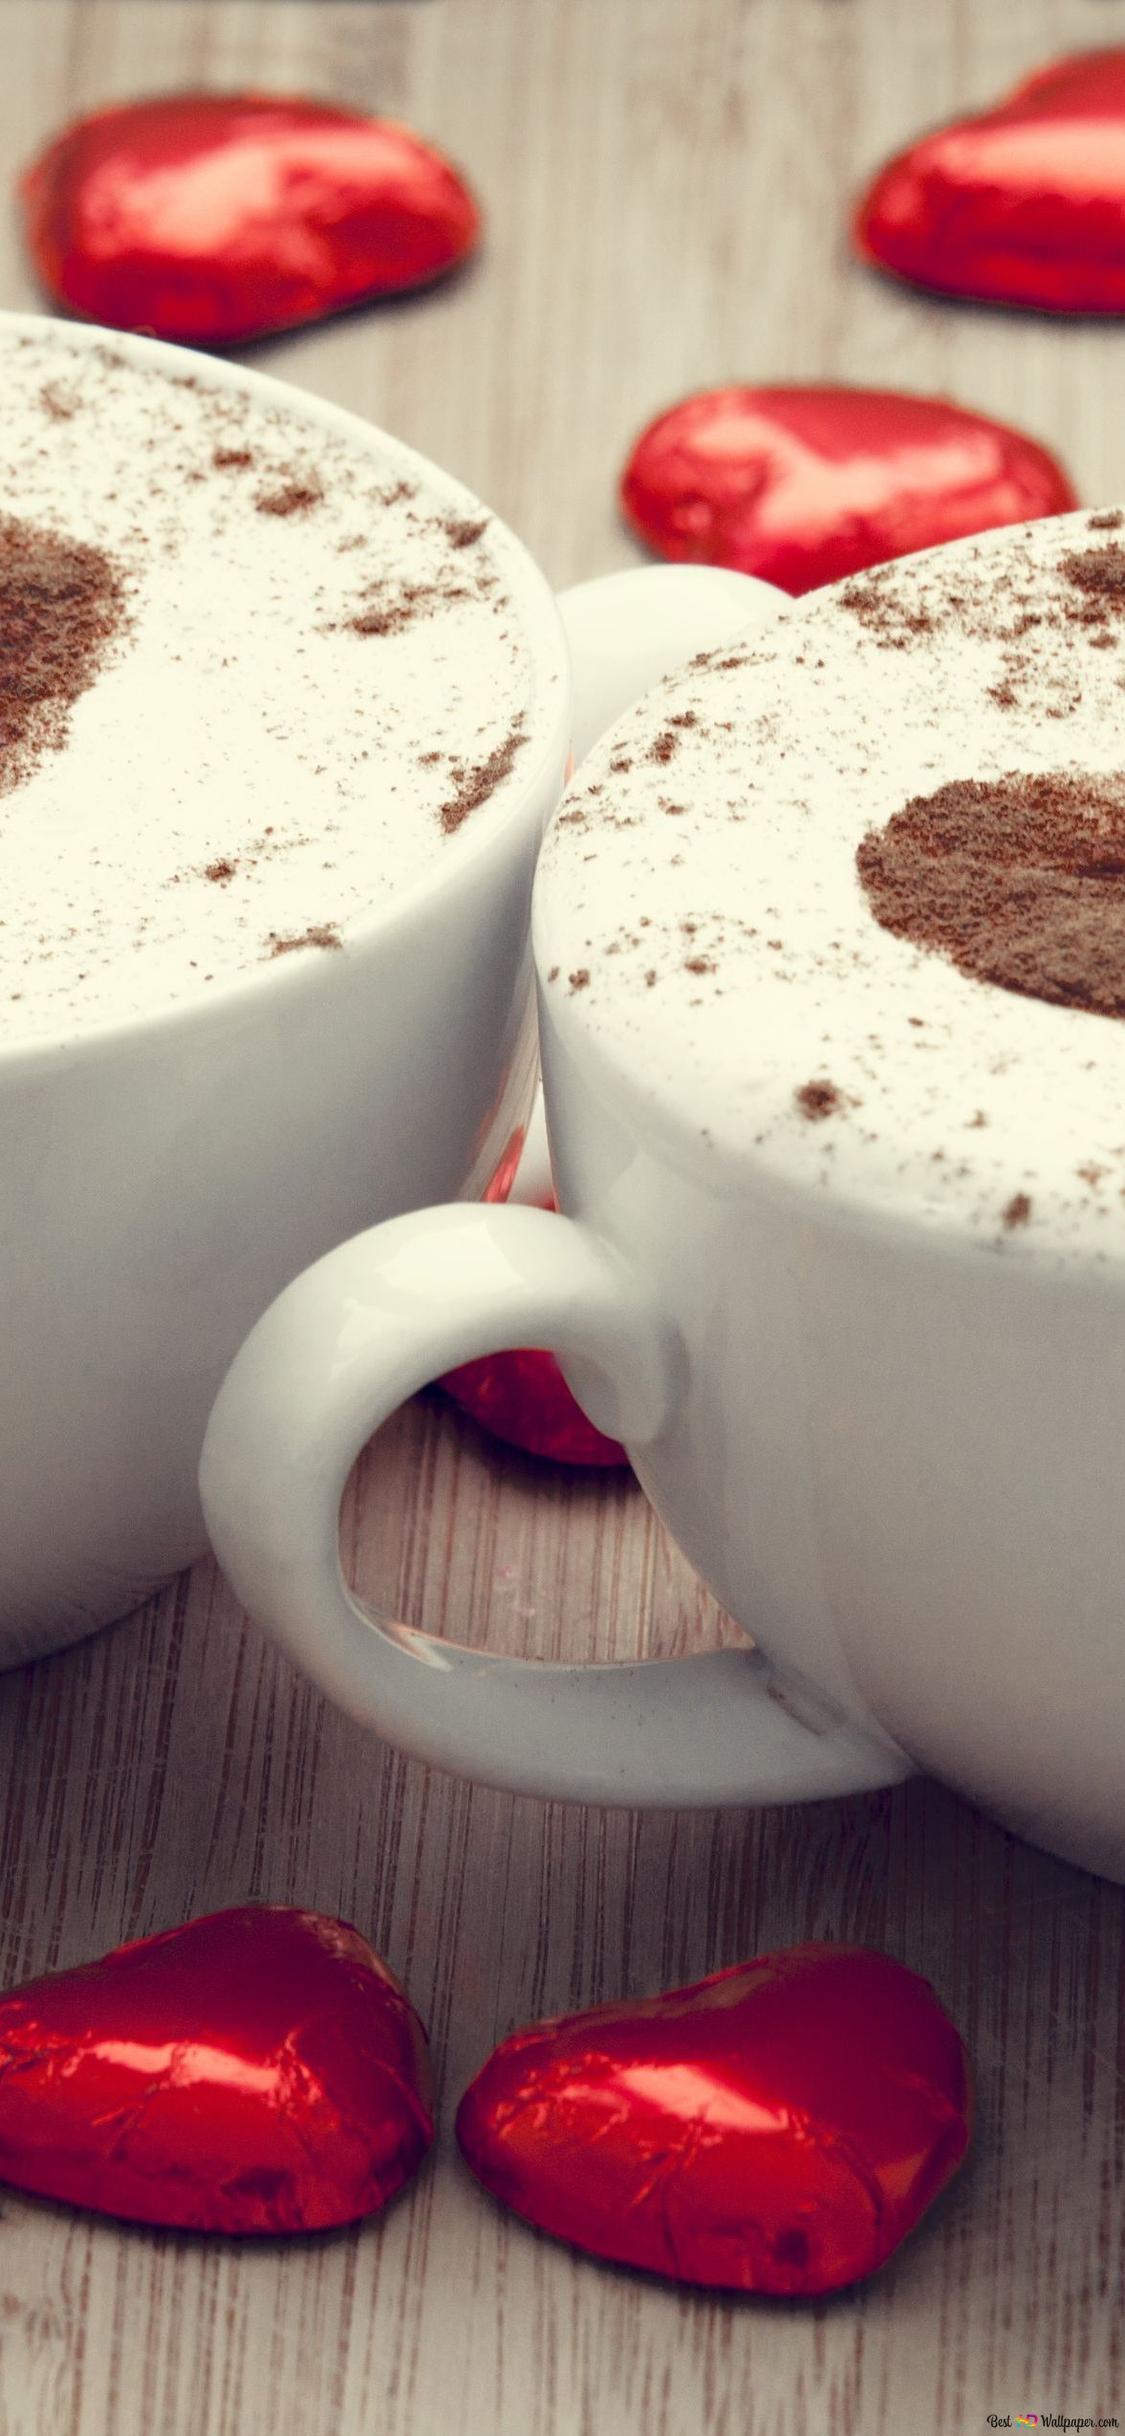 バレンタインの日 心のクレマコーヒー Hd壁紙のダウンロード